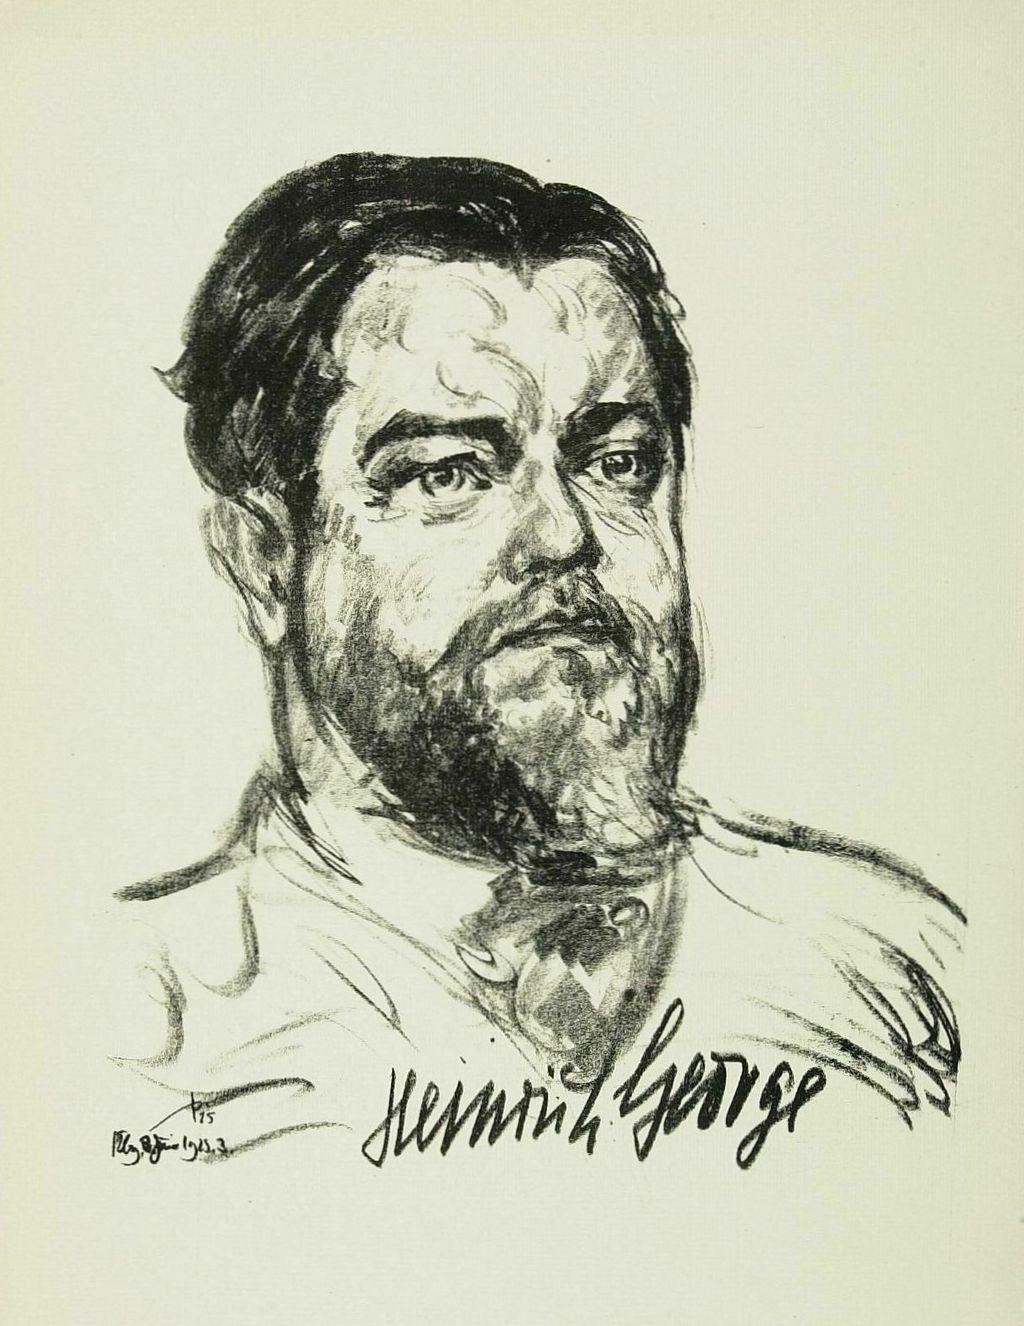 biografie heinrich george - Heinrich Bll Lebenslauf